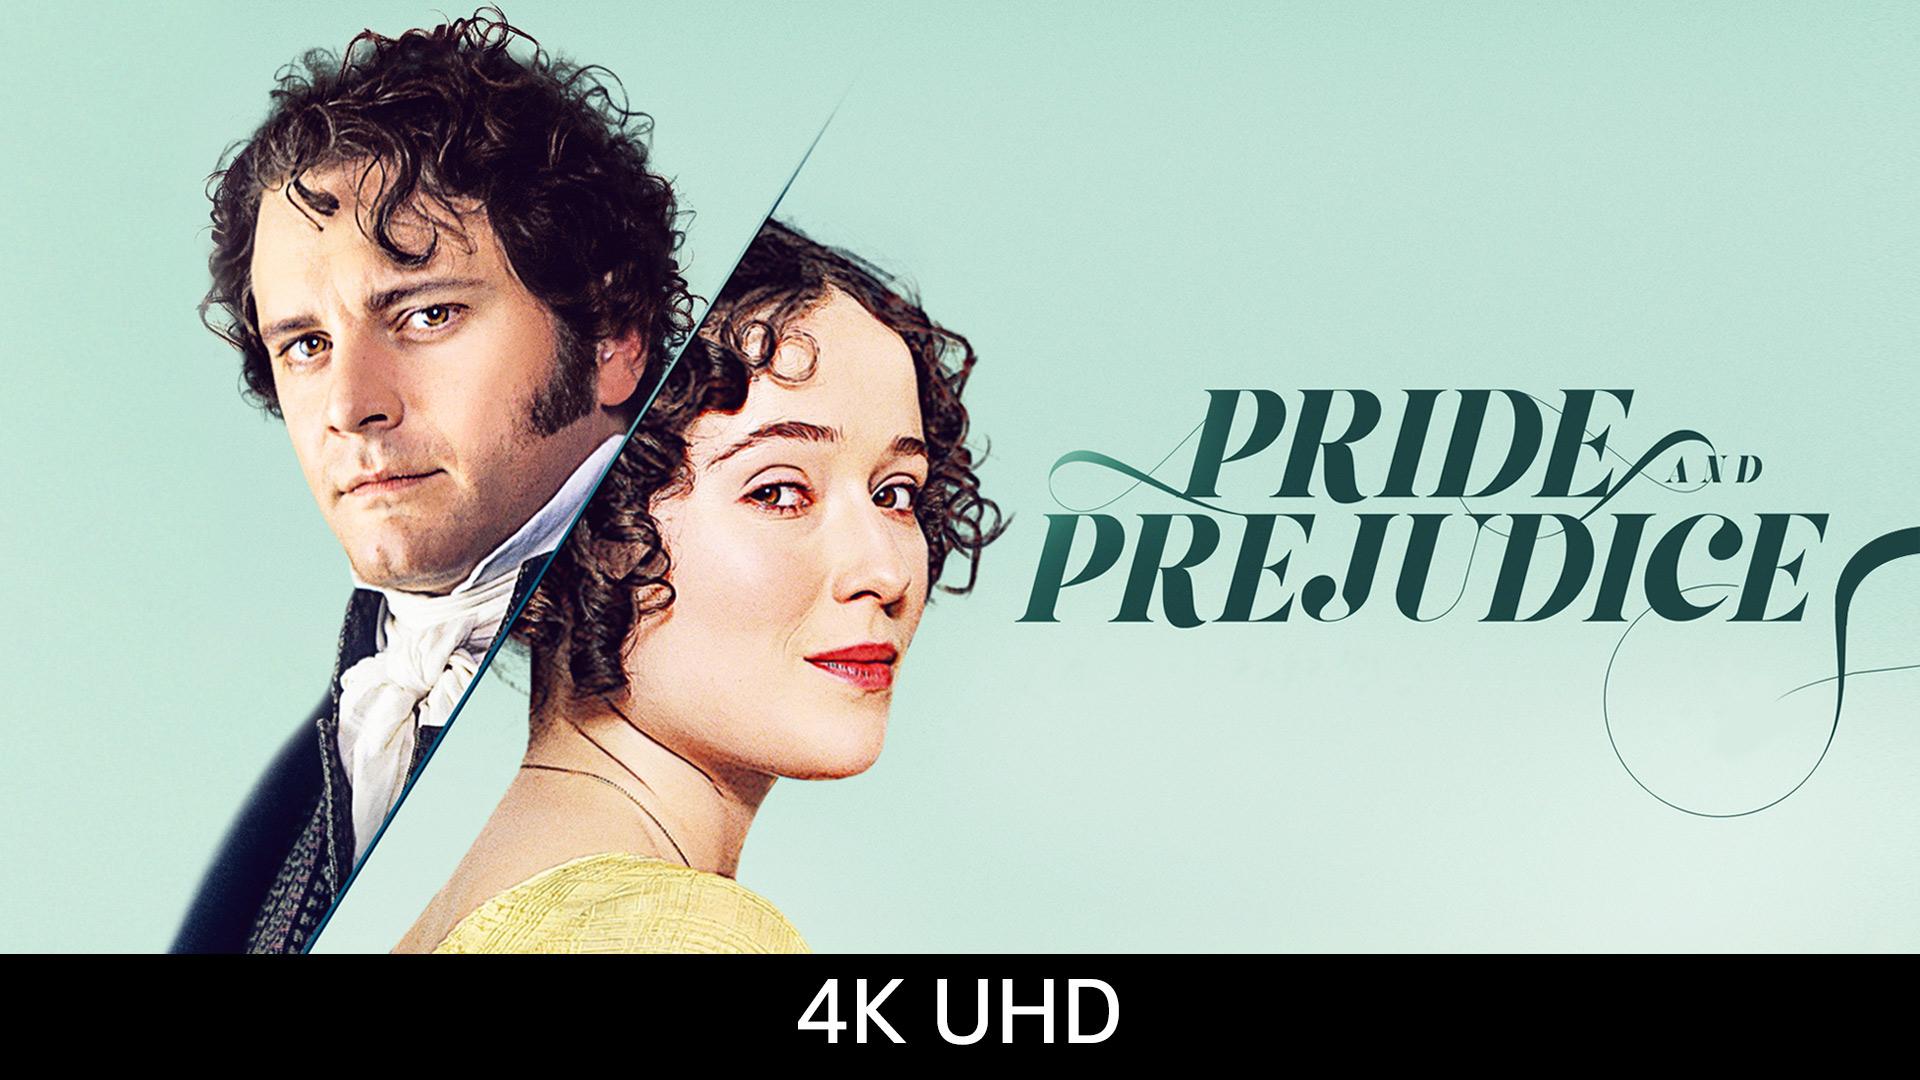 Pride and Prejudice (4K UHD)